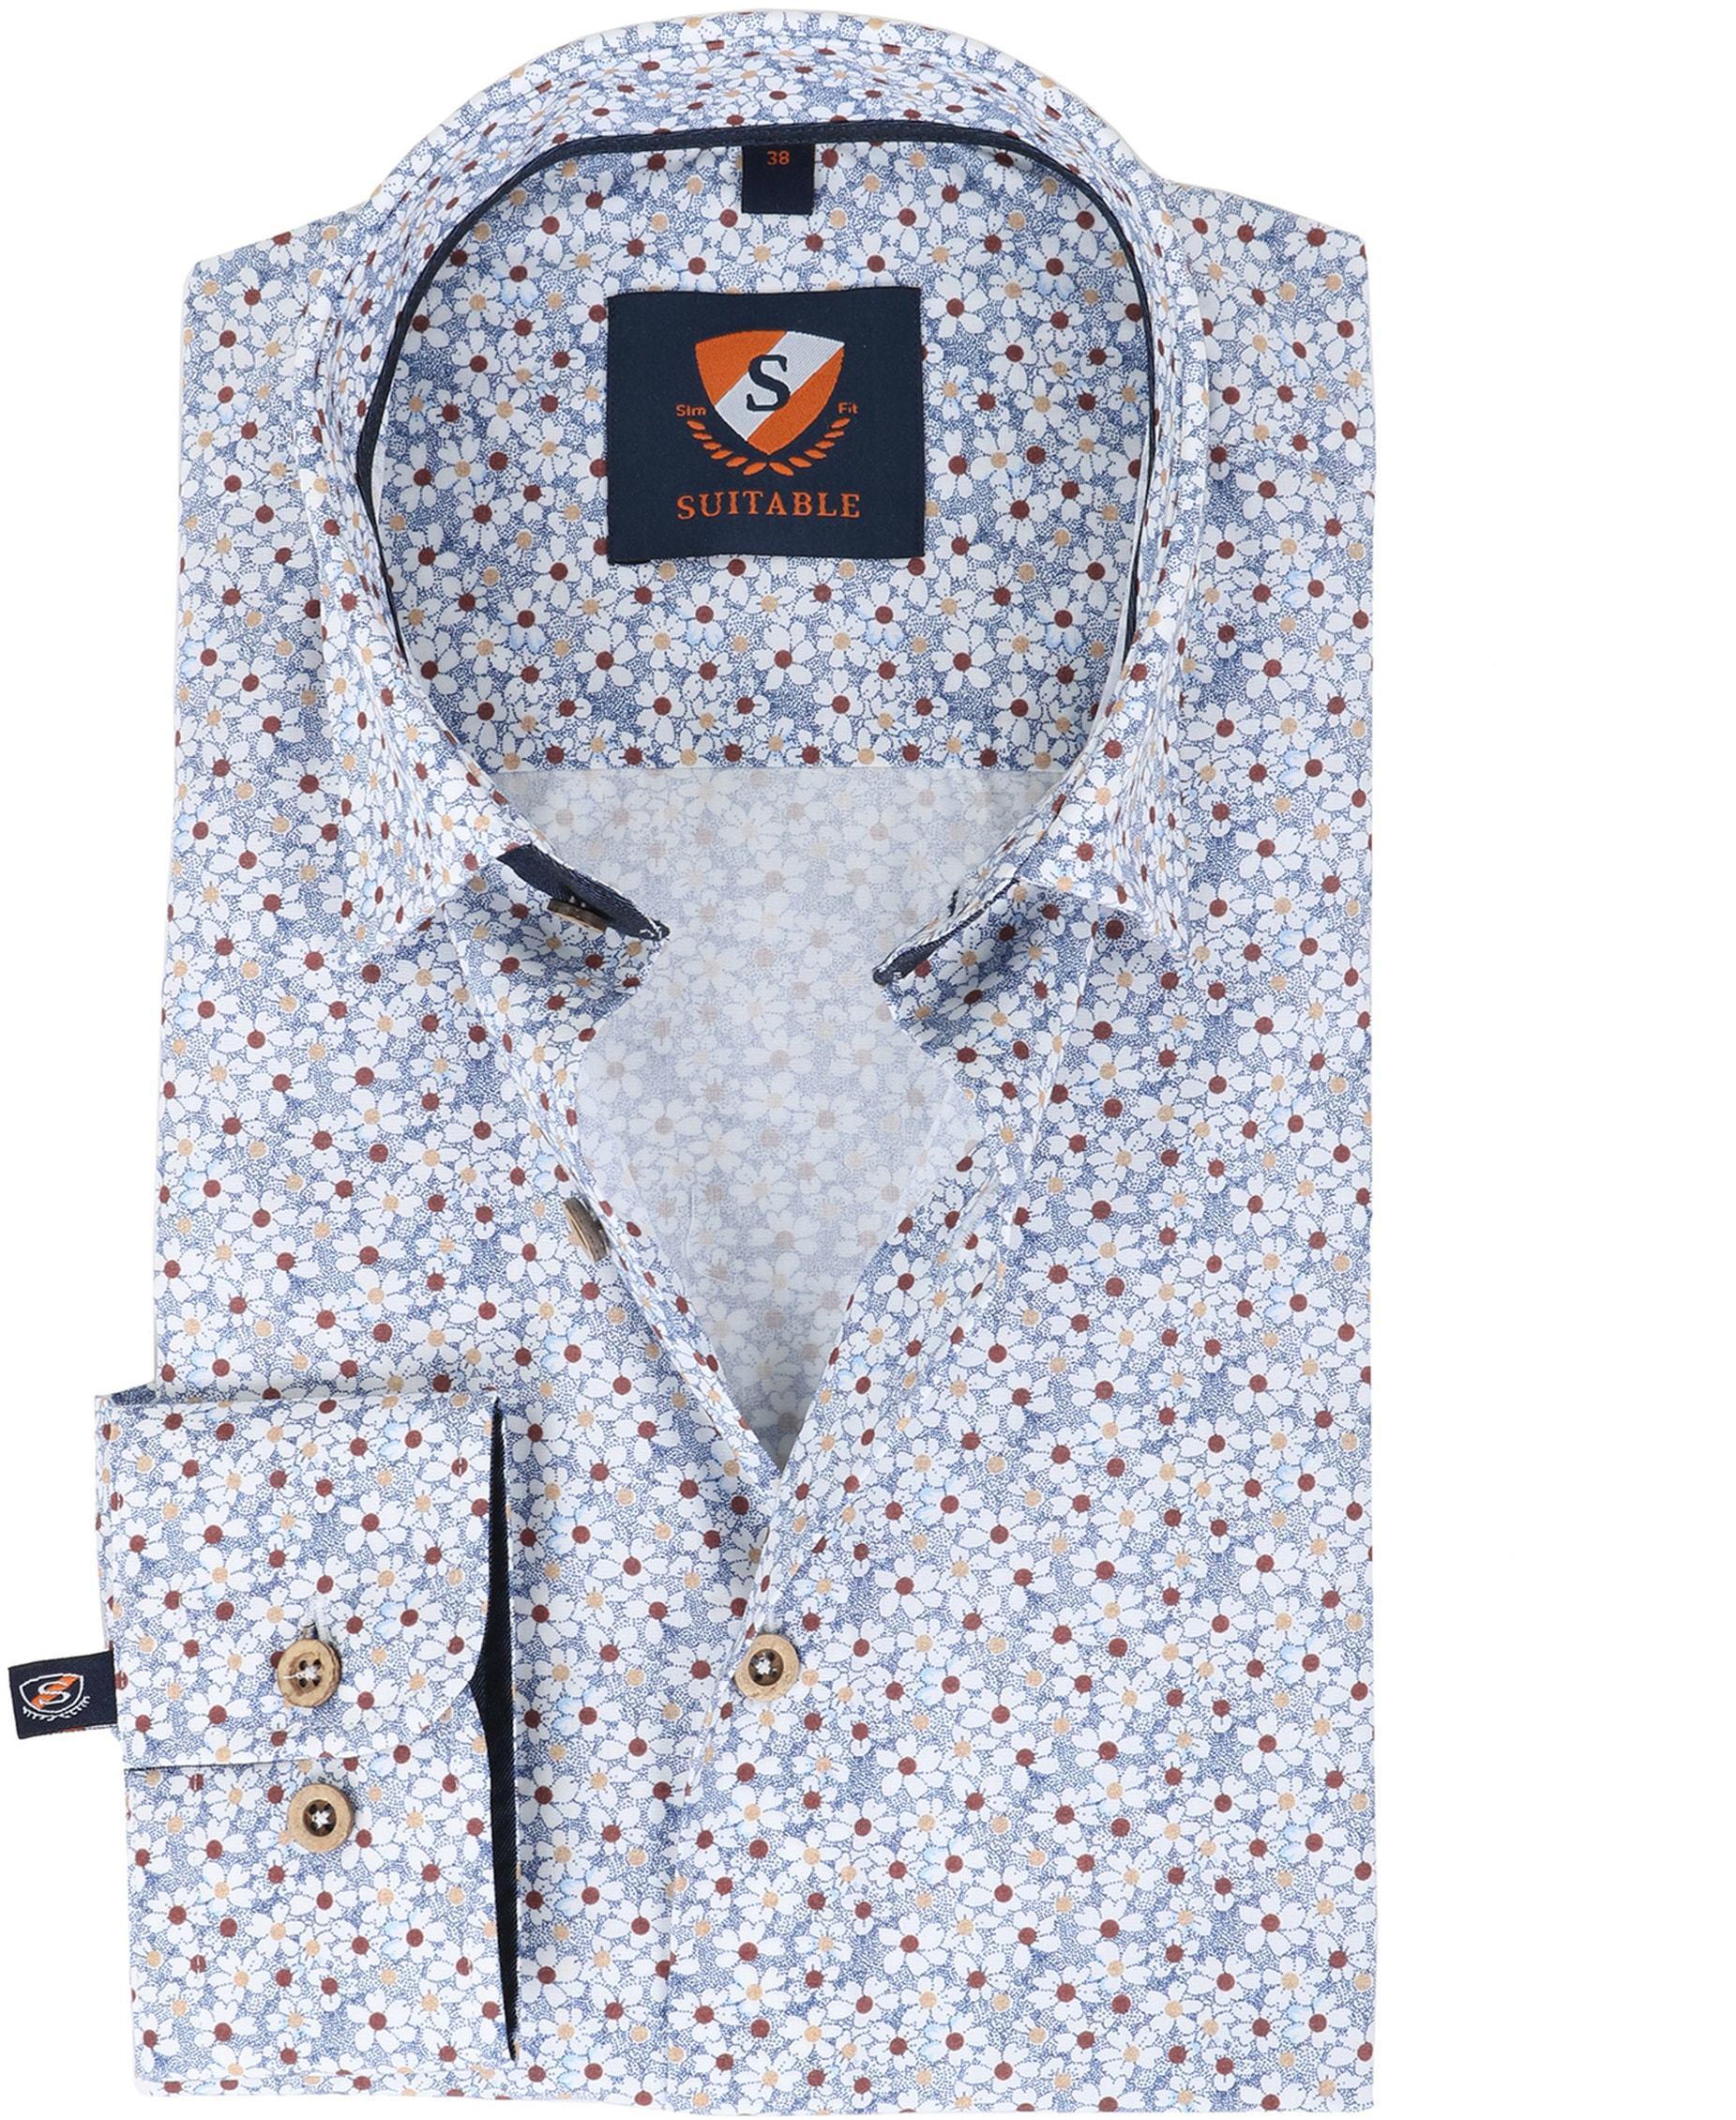 Suitable overhemd Bloem Blauw foto 0